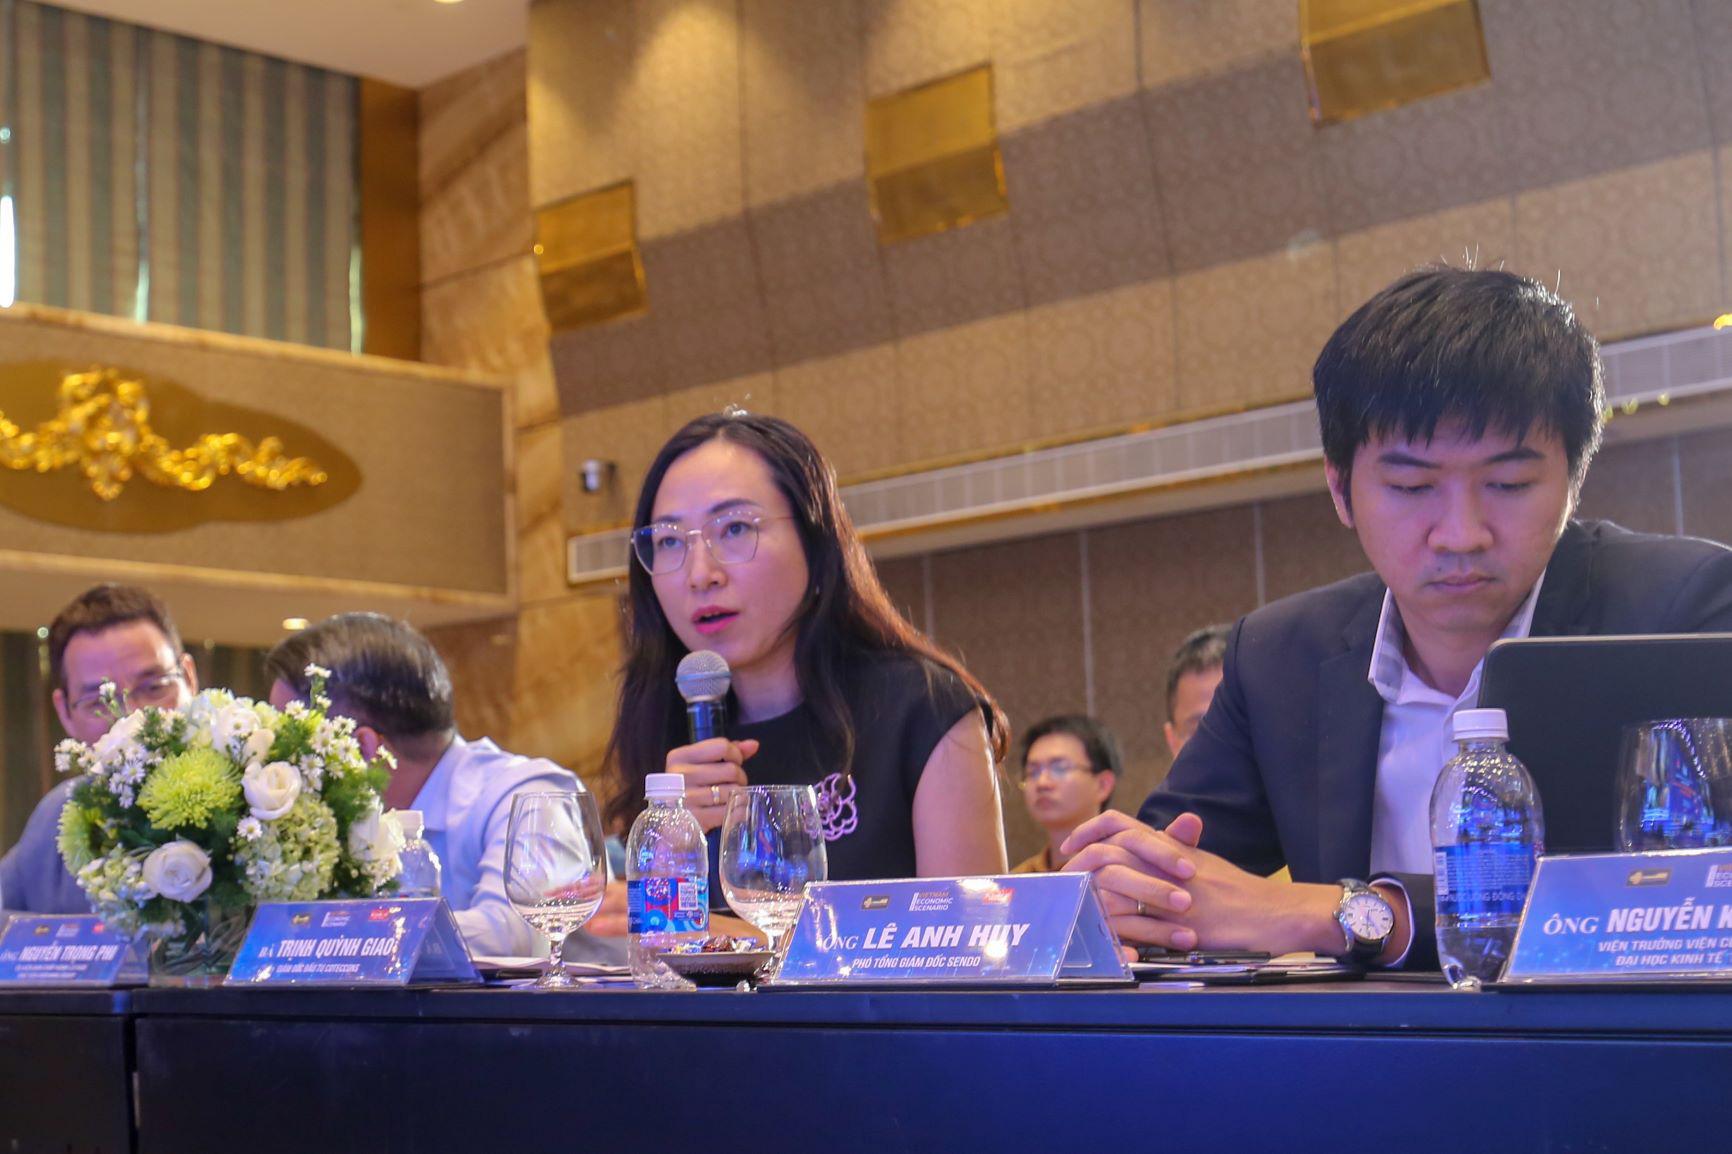 """Bà Trịnh Quỳnh Giao và bóng dáng của """"Red River Holding - cổ đông khó chơi"""" tại Coteccons - Ảnh 1."""